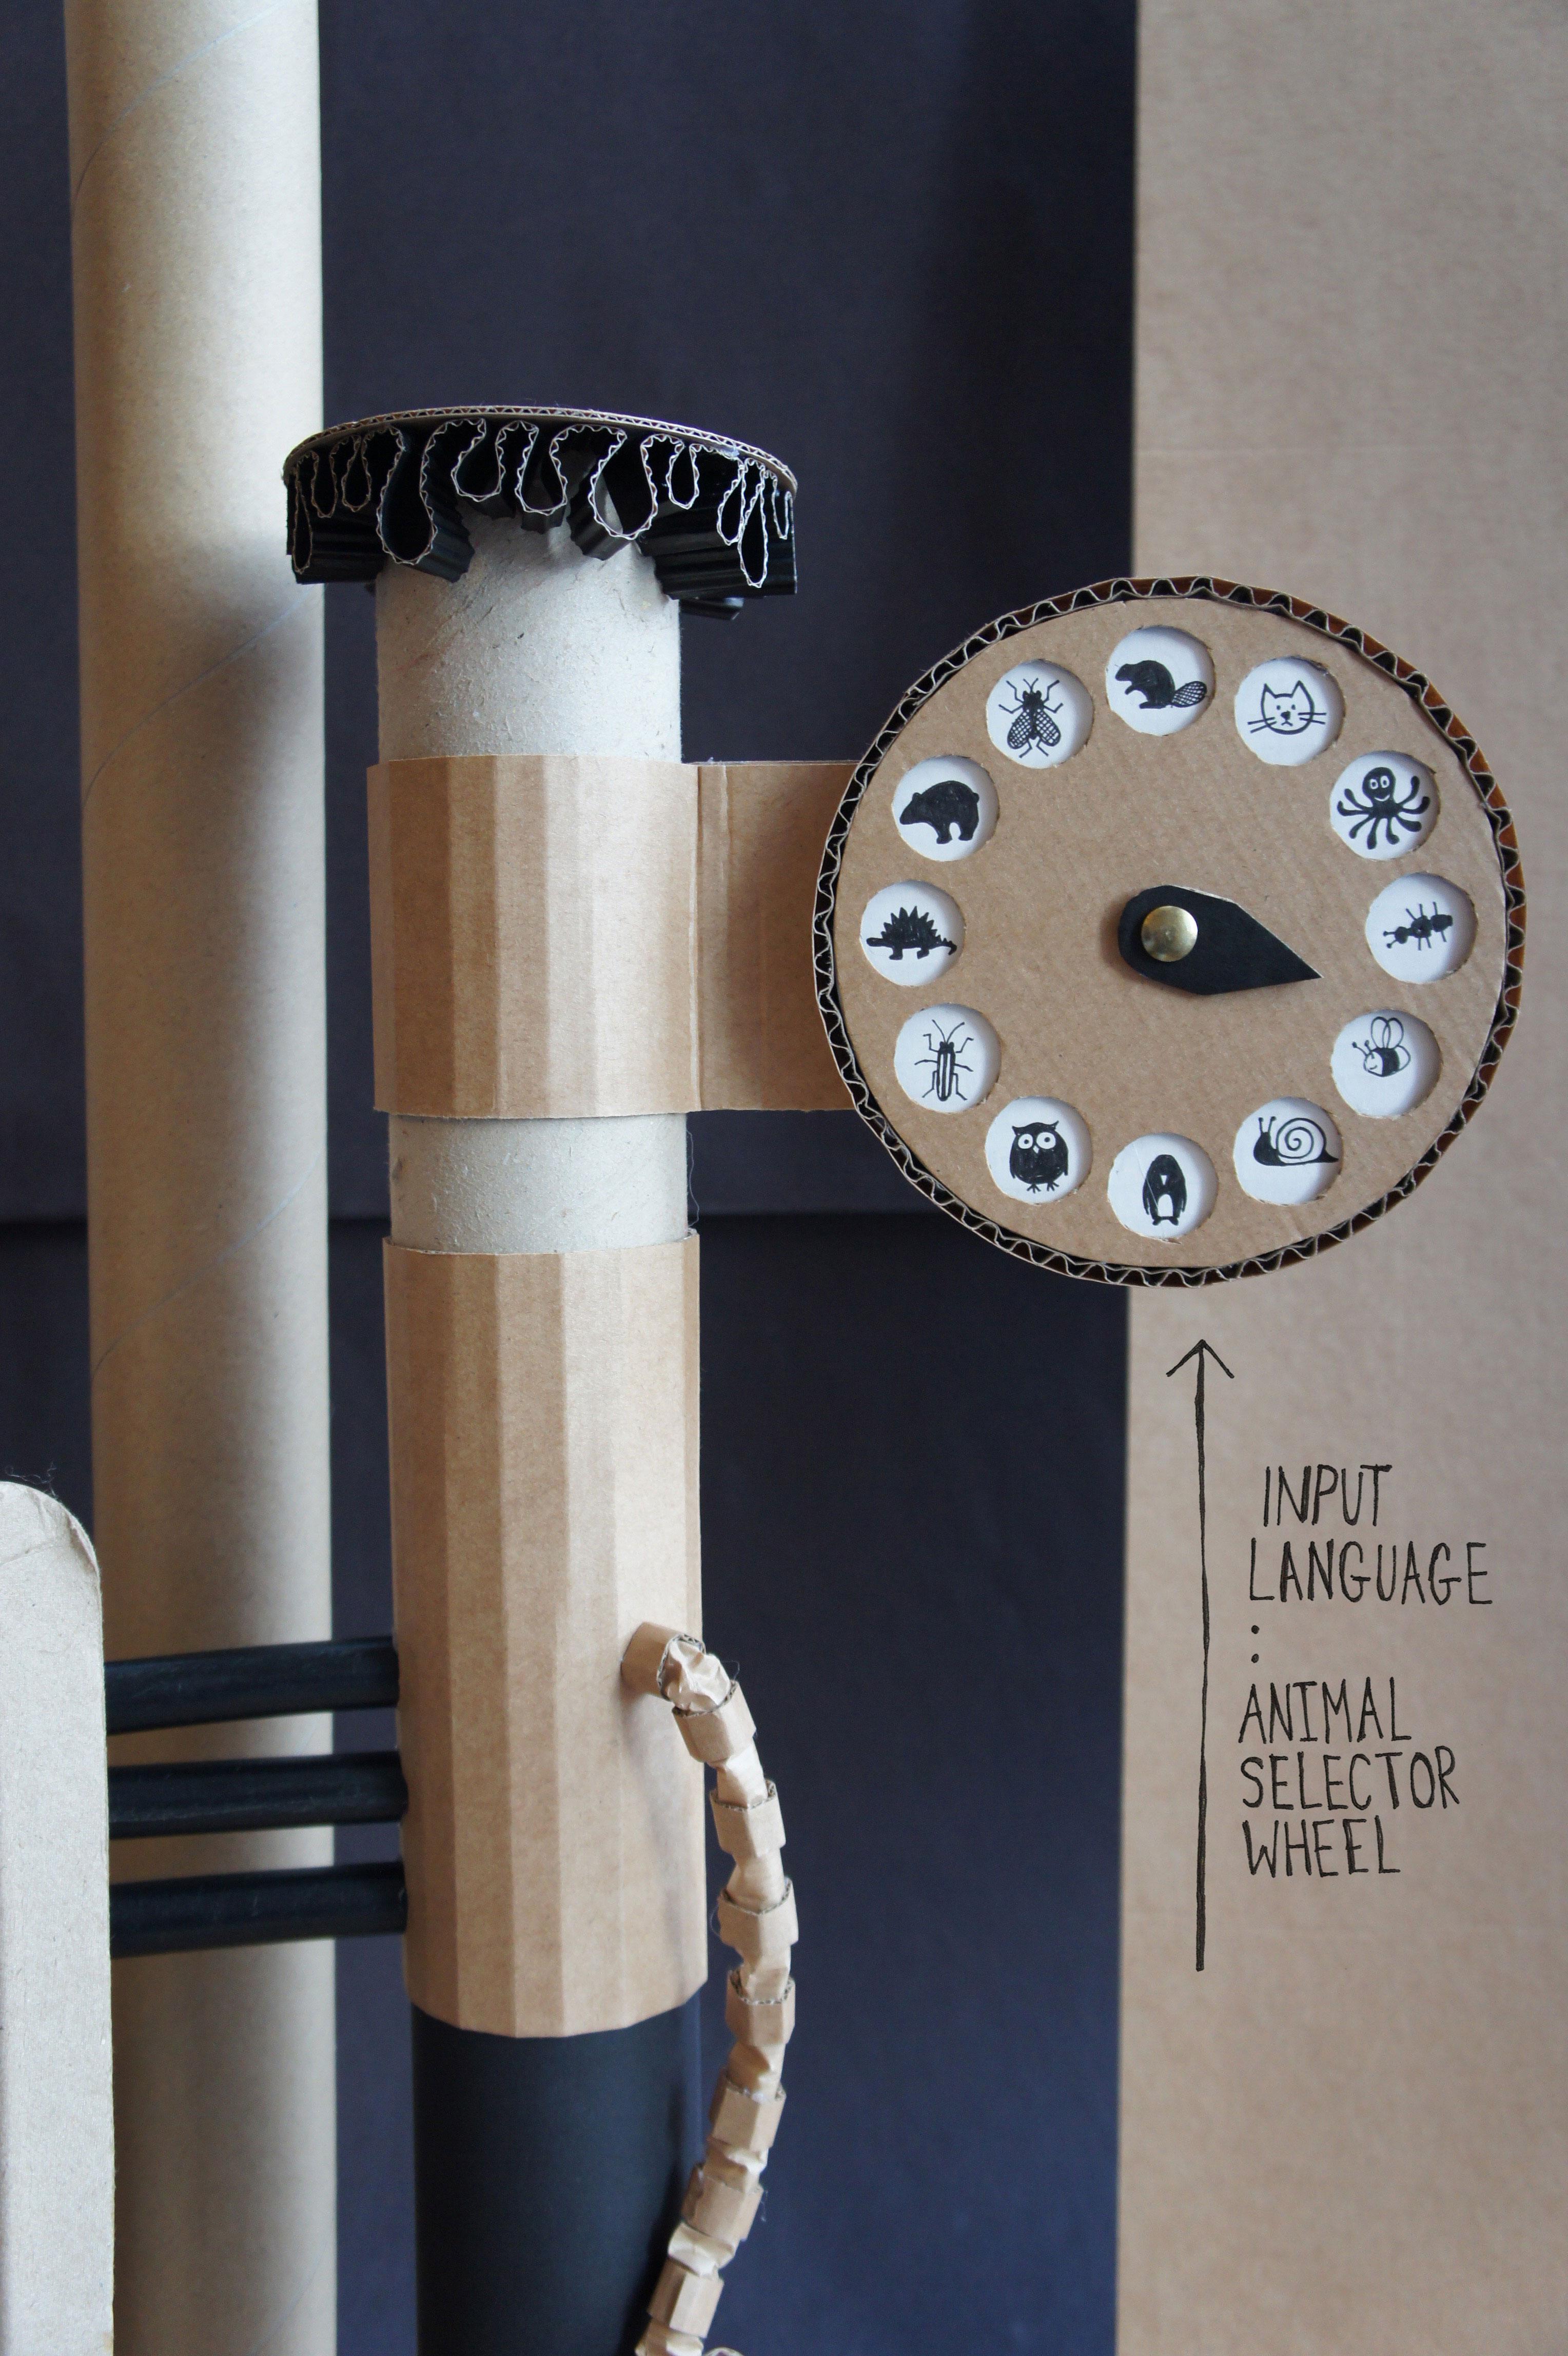 Input Language Selector